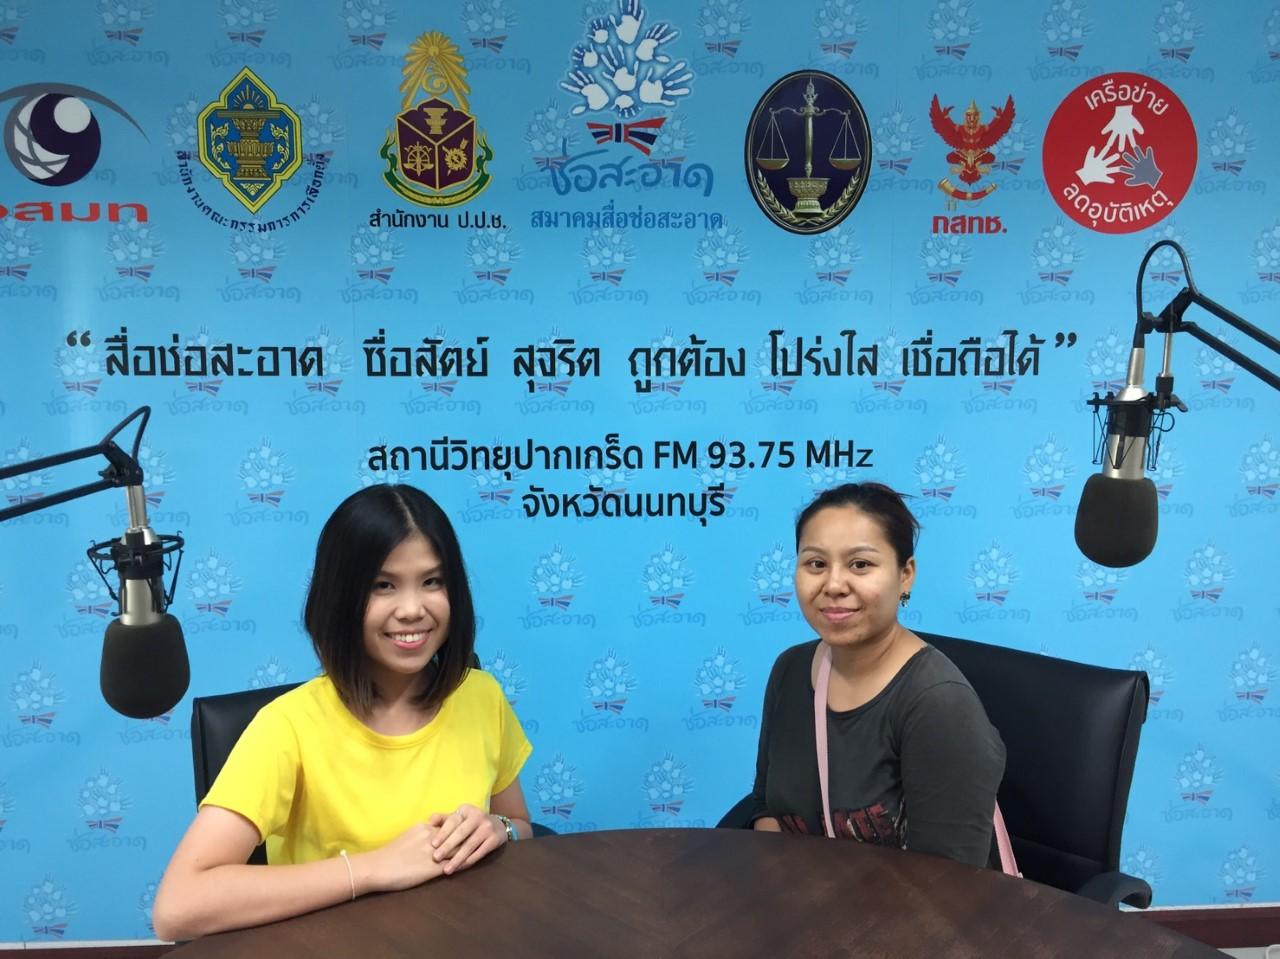 """รายการ """"คนไทยไม่ทนต่อการทุจริต"""" วันเสาร์ที่ 6 เมษายน 2562 เวลา 18.30-19.00 น."""